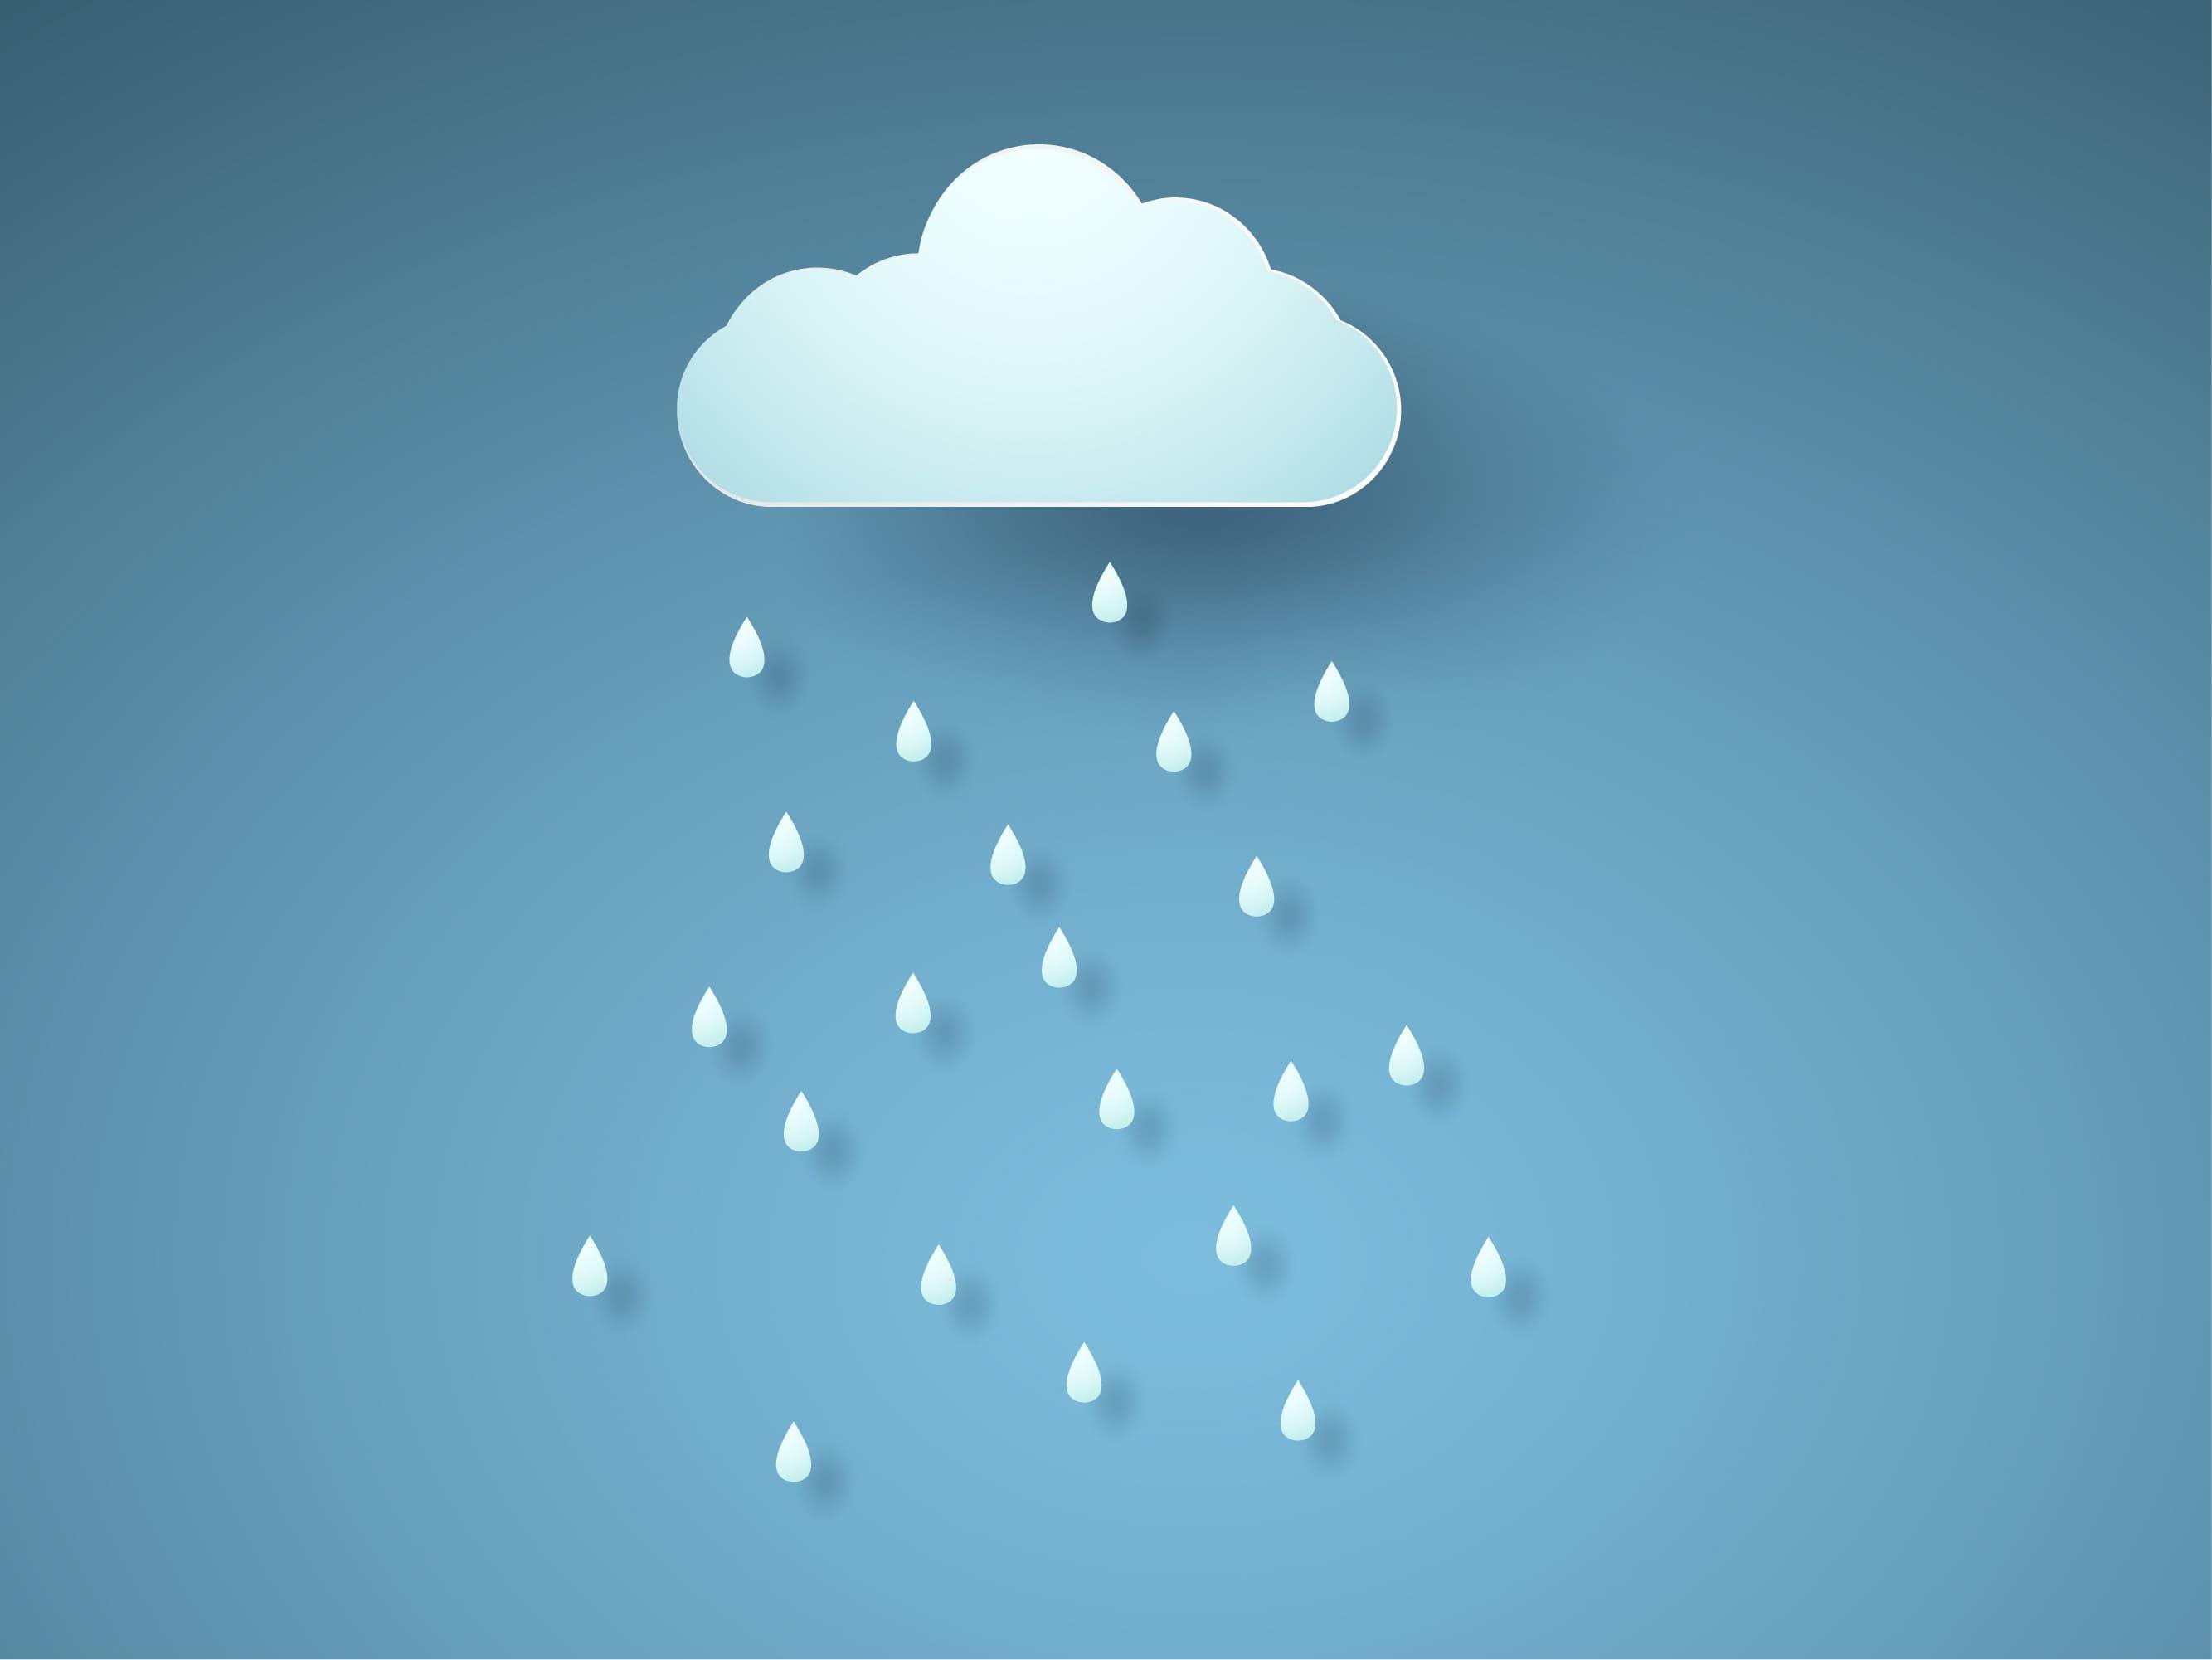 Nuvem com gotas de chuva